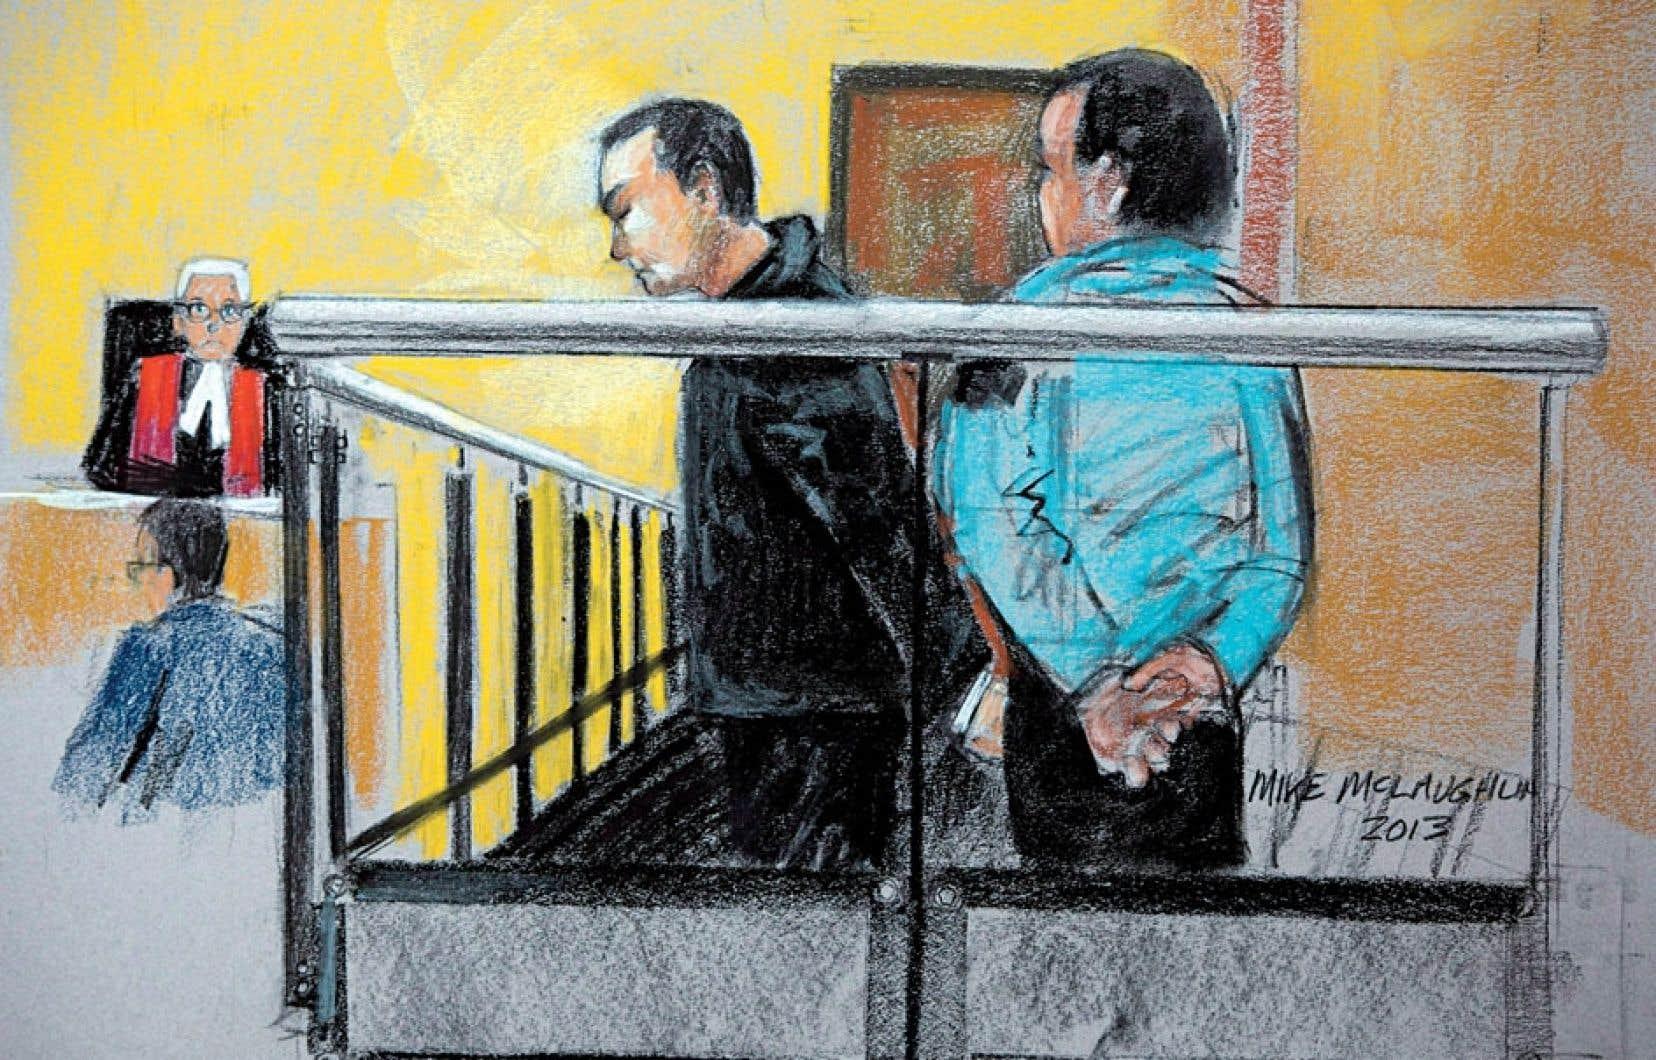 Guy Turcotte, de nouveau accusé du meurtre au premier degré de ses deux enfants, Olivier et Anne-Sophie, avait brièvement comparu en cour en novembre dernier au palais de justice de Saint-Jérôme.